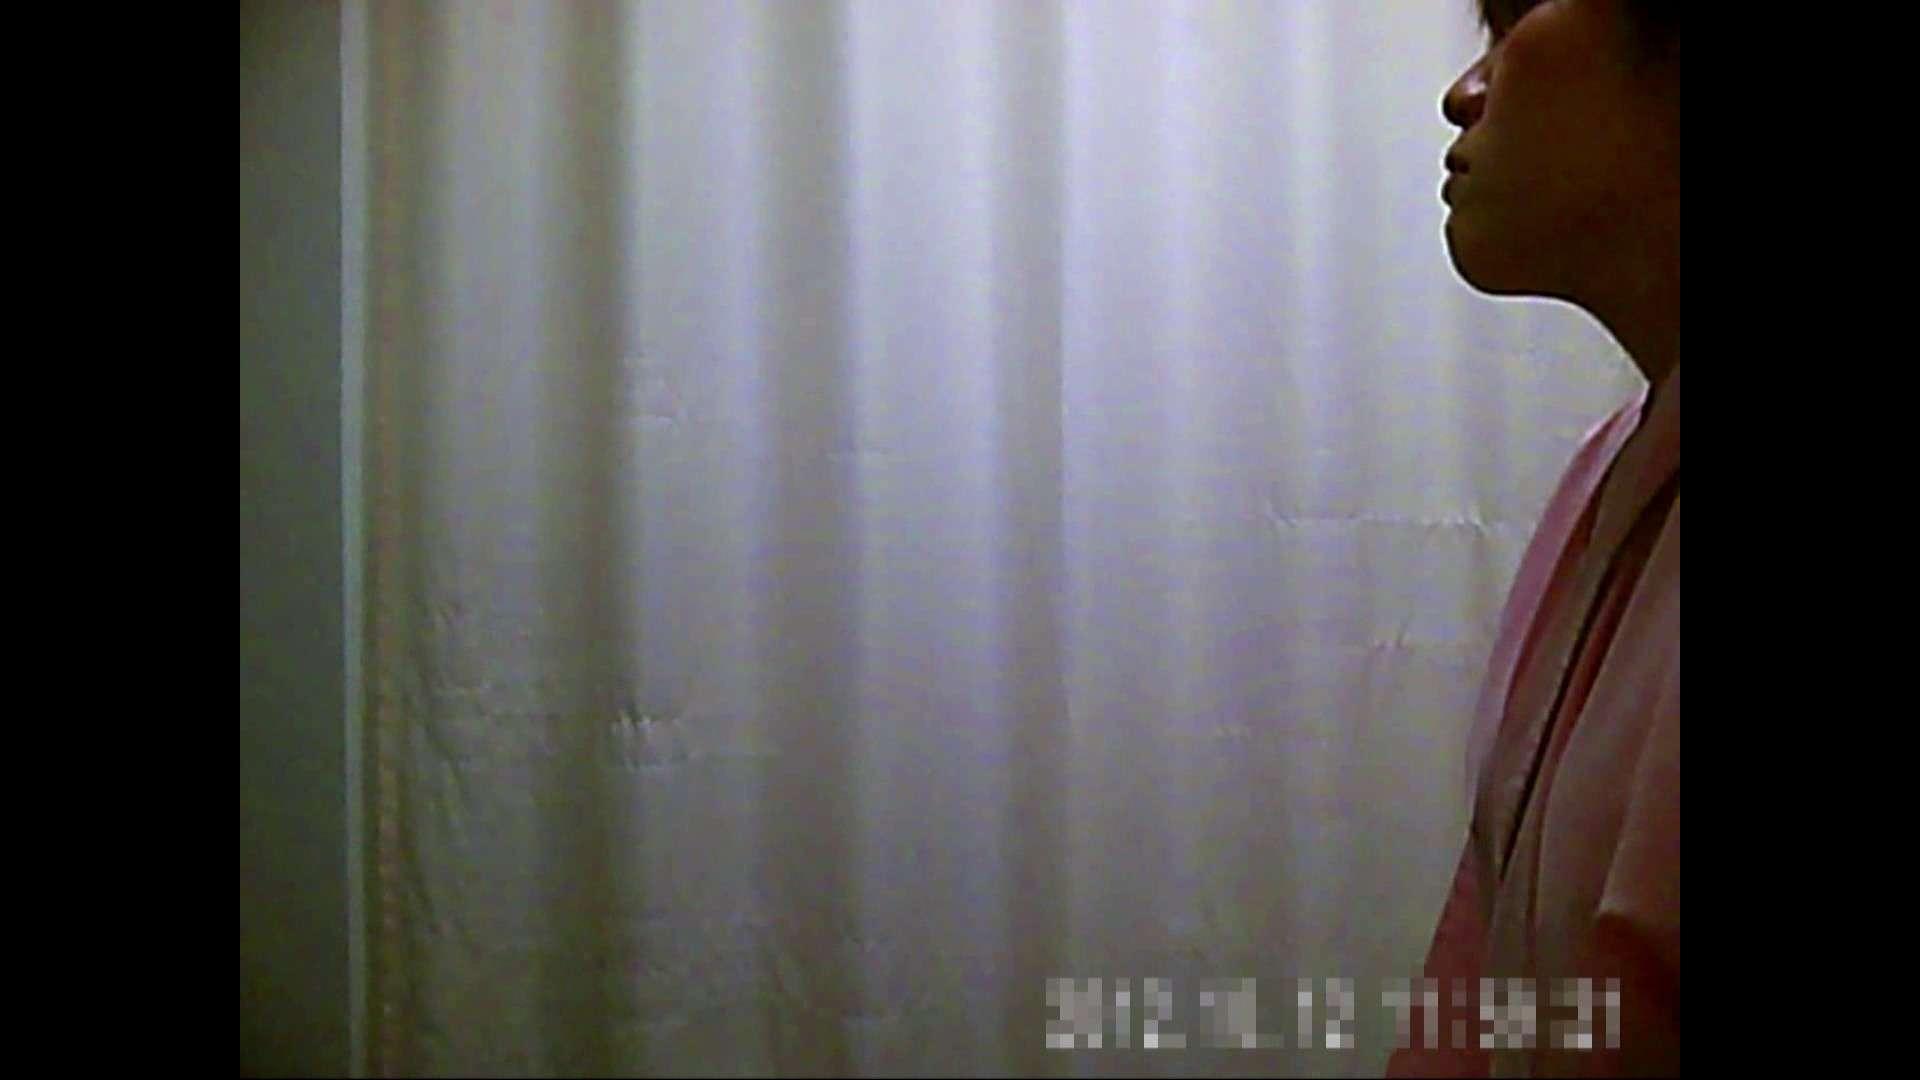 病院おもいっきり着替え! vol.234 乳首ポロリ 隠し撮りオマンコ動画紹介 104画像 12